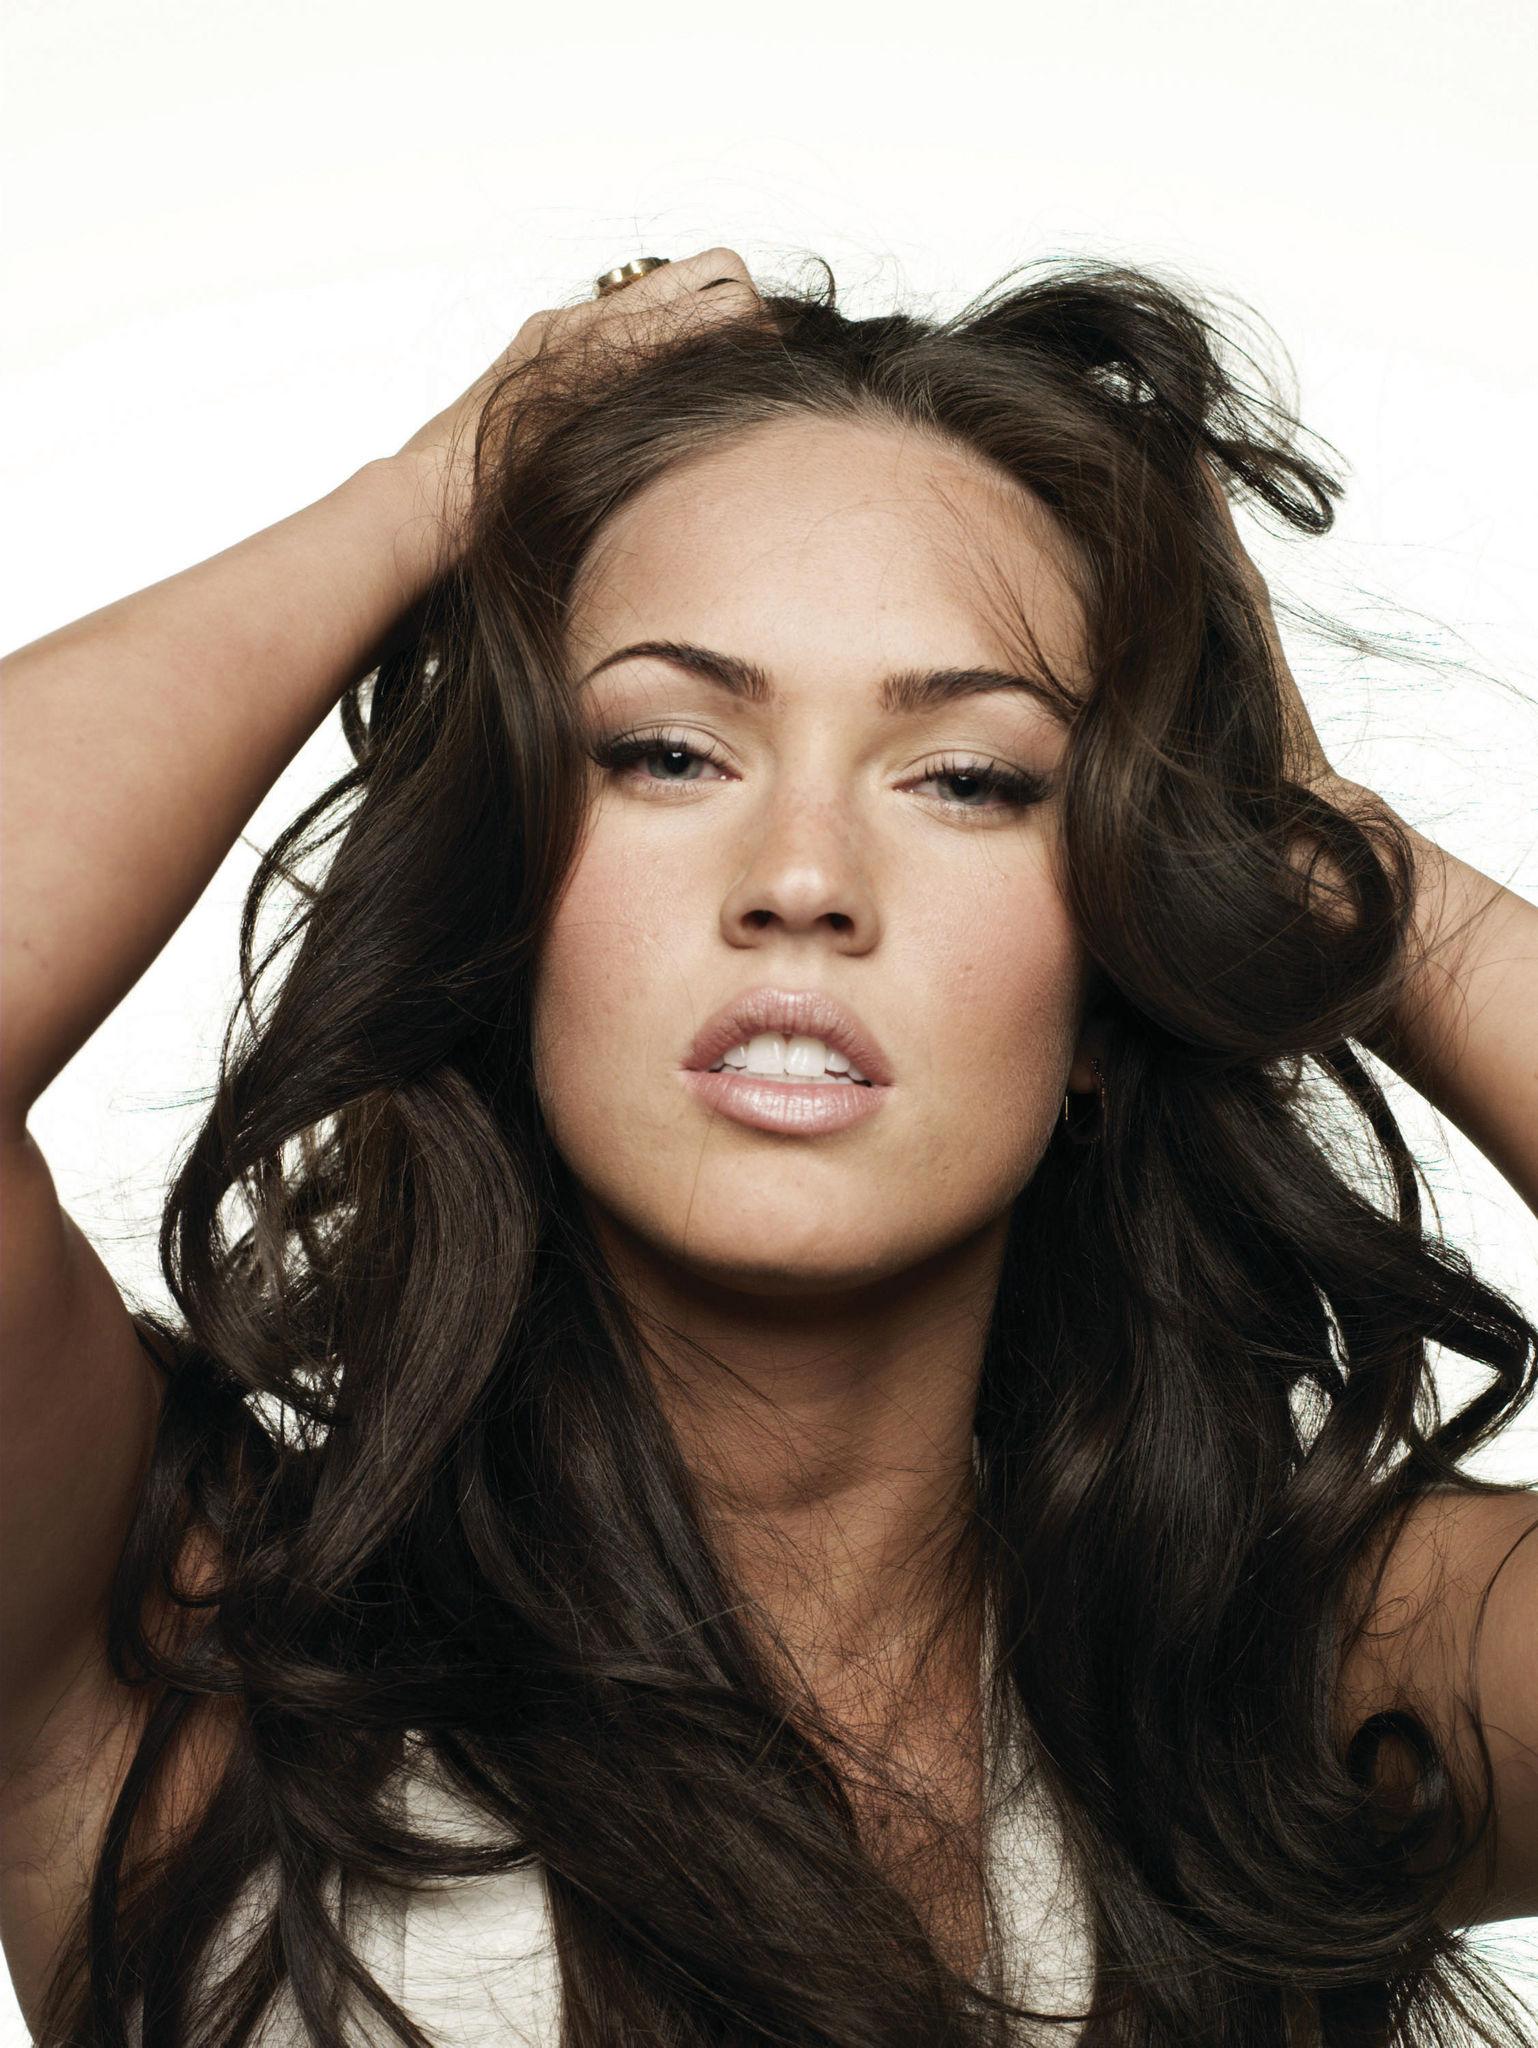 Fotos de Megan Fox, imagenes Megan Fox gratis